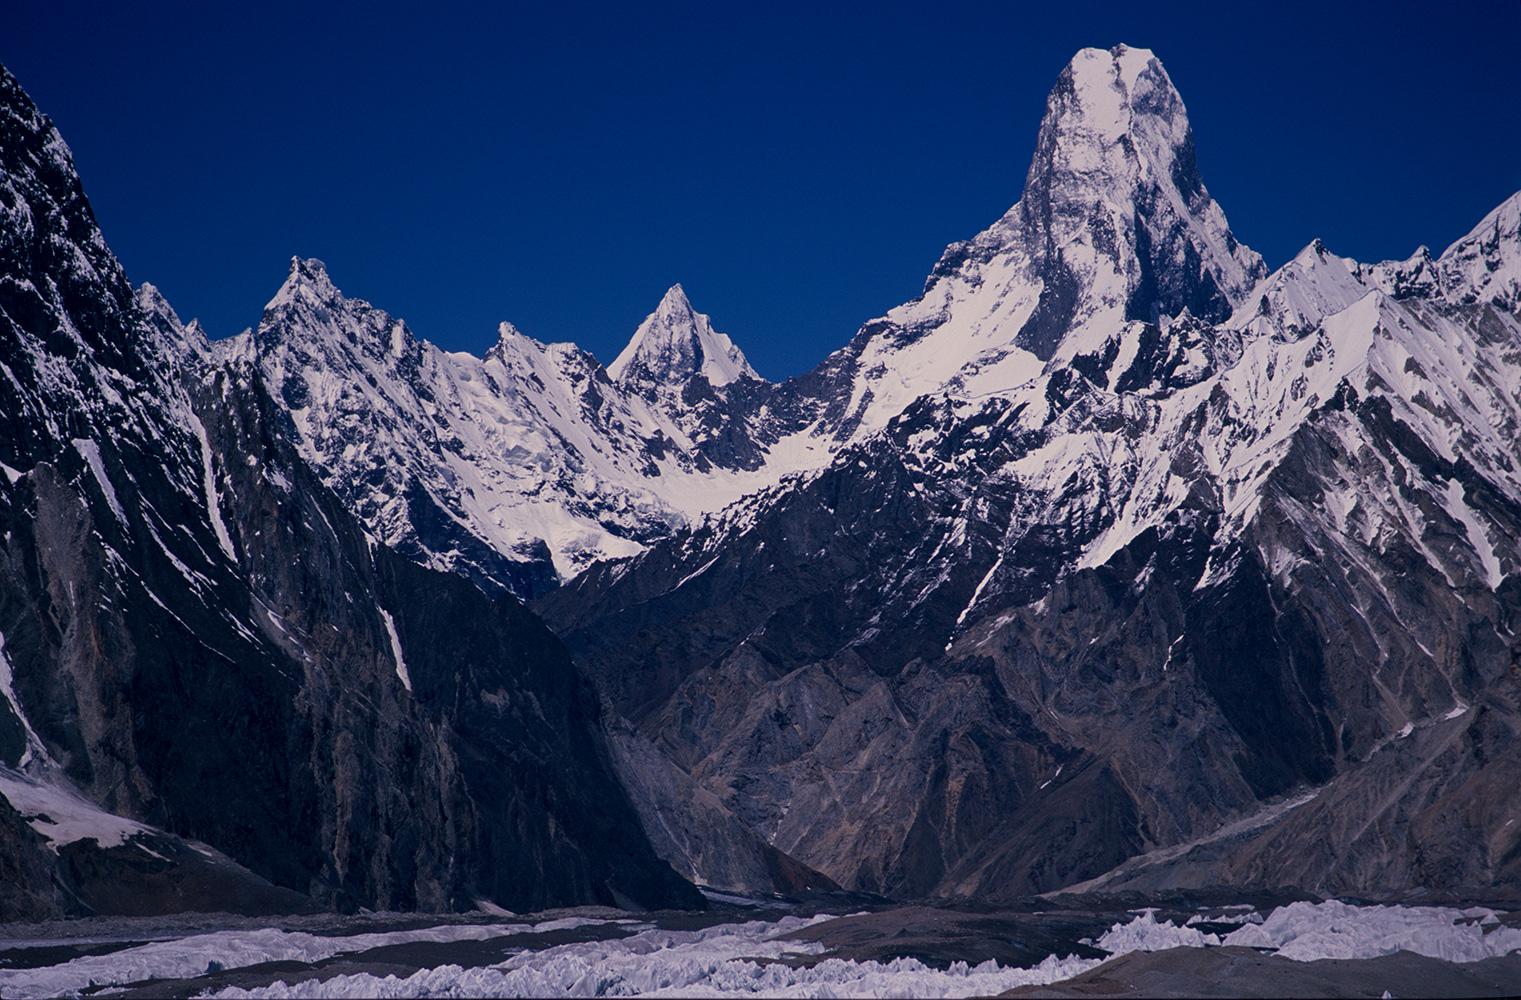 From the Baltoro glacier above ConcordiaNikon F5, 180mm